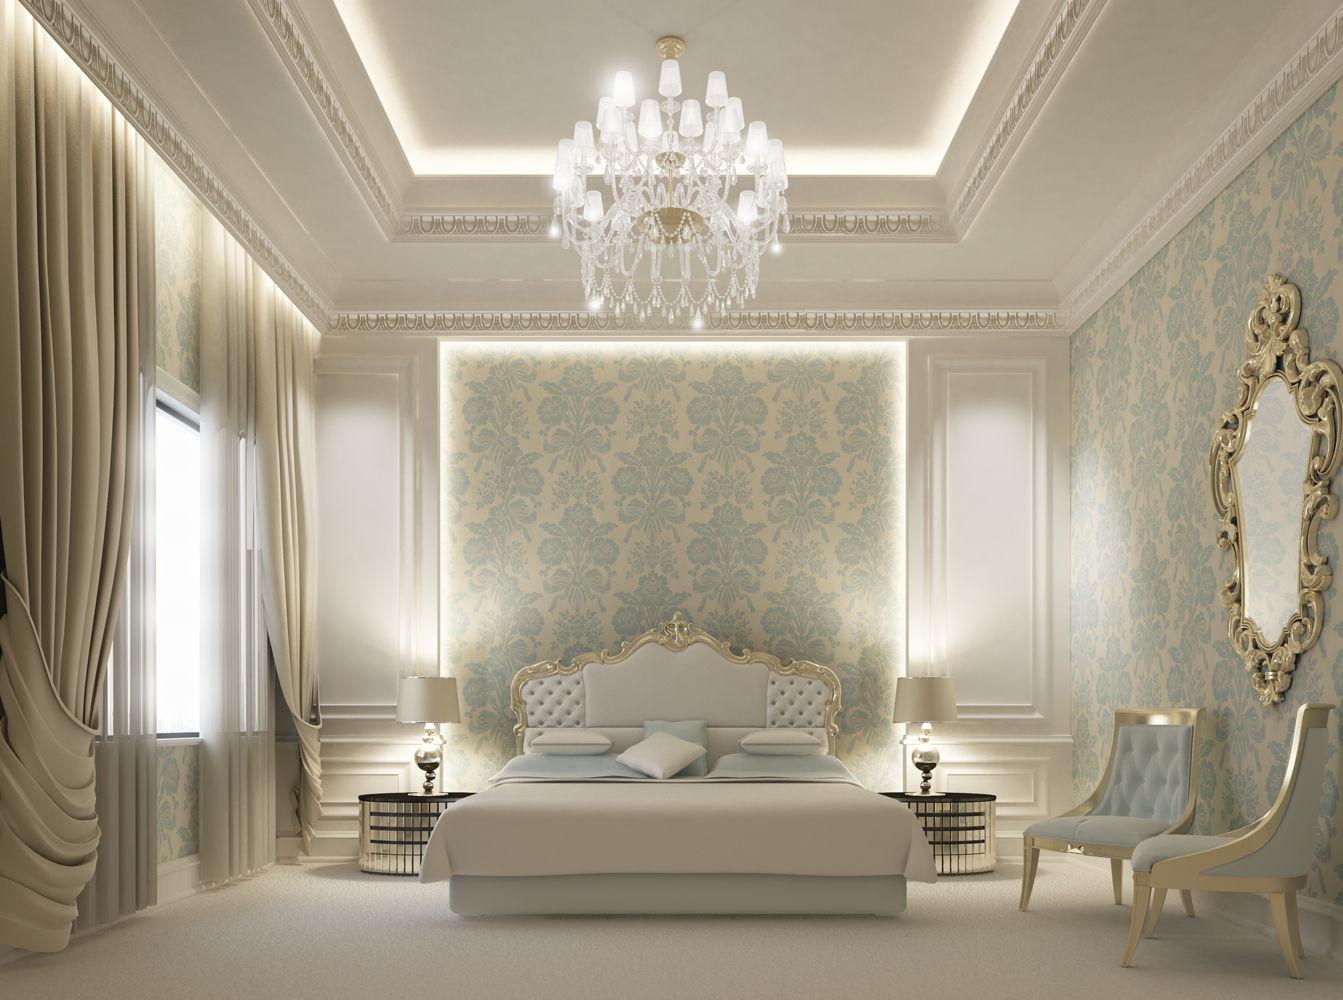 Plan de interior en dubai el diseno for Indoor design dubai